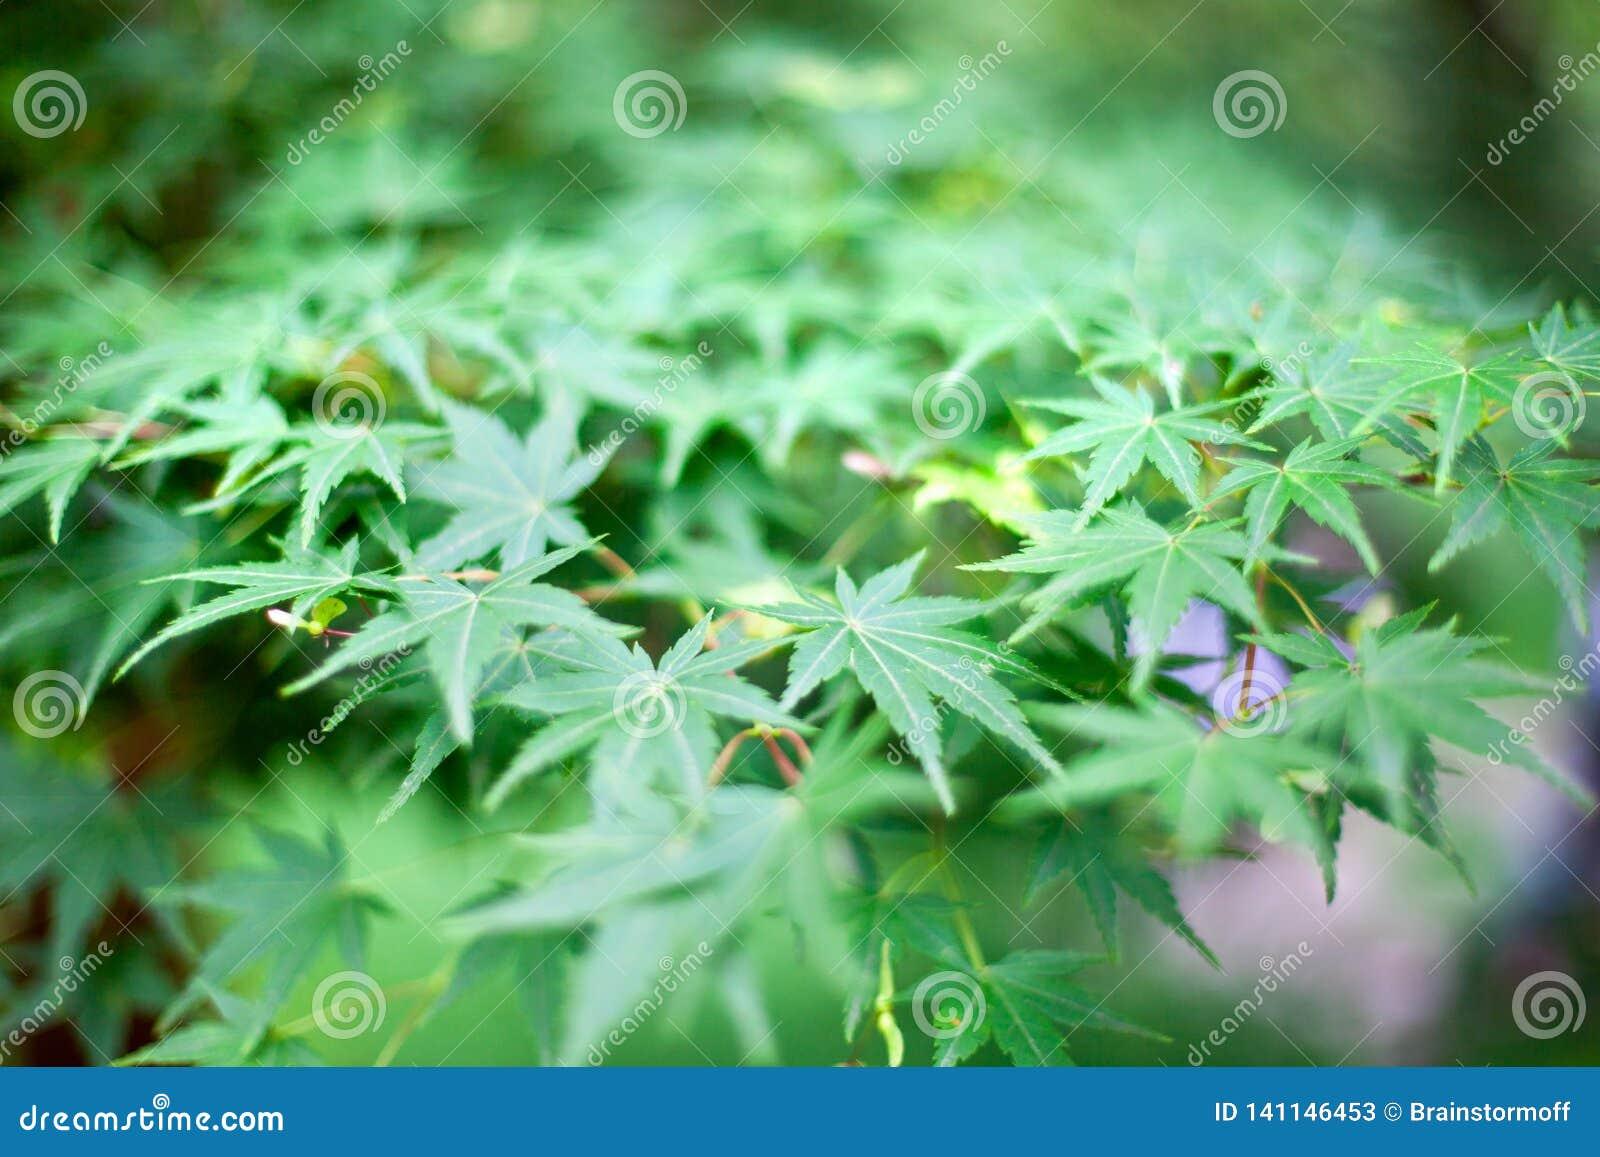 Folhas verdes frescas do arbusto da marijuana da grama no macro borrado texturas do bokeh do fundo do jardim ou do campo